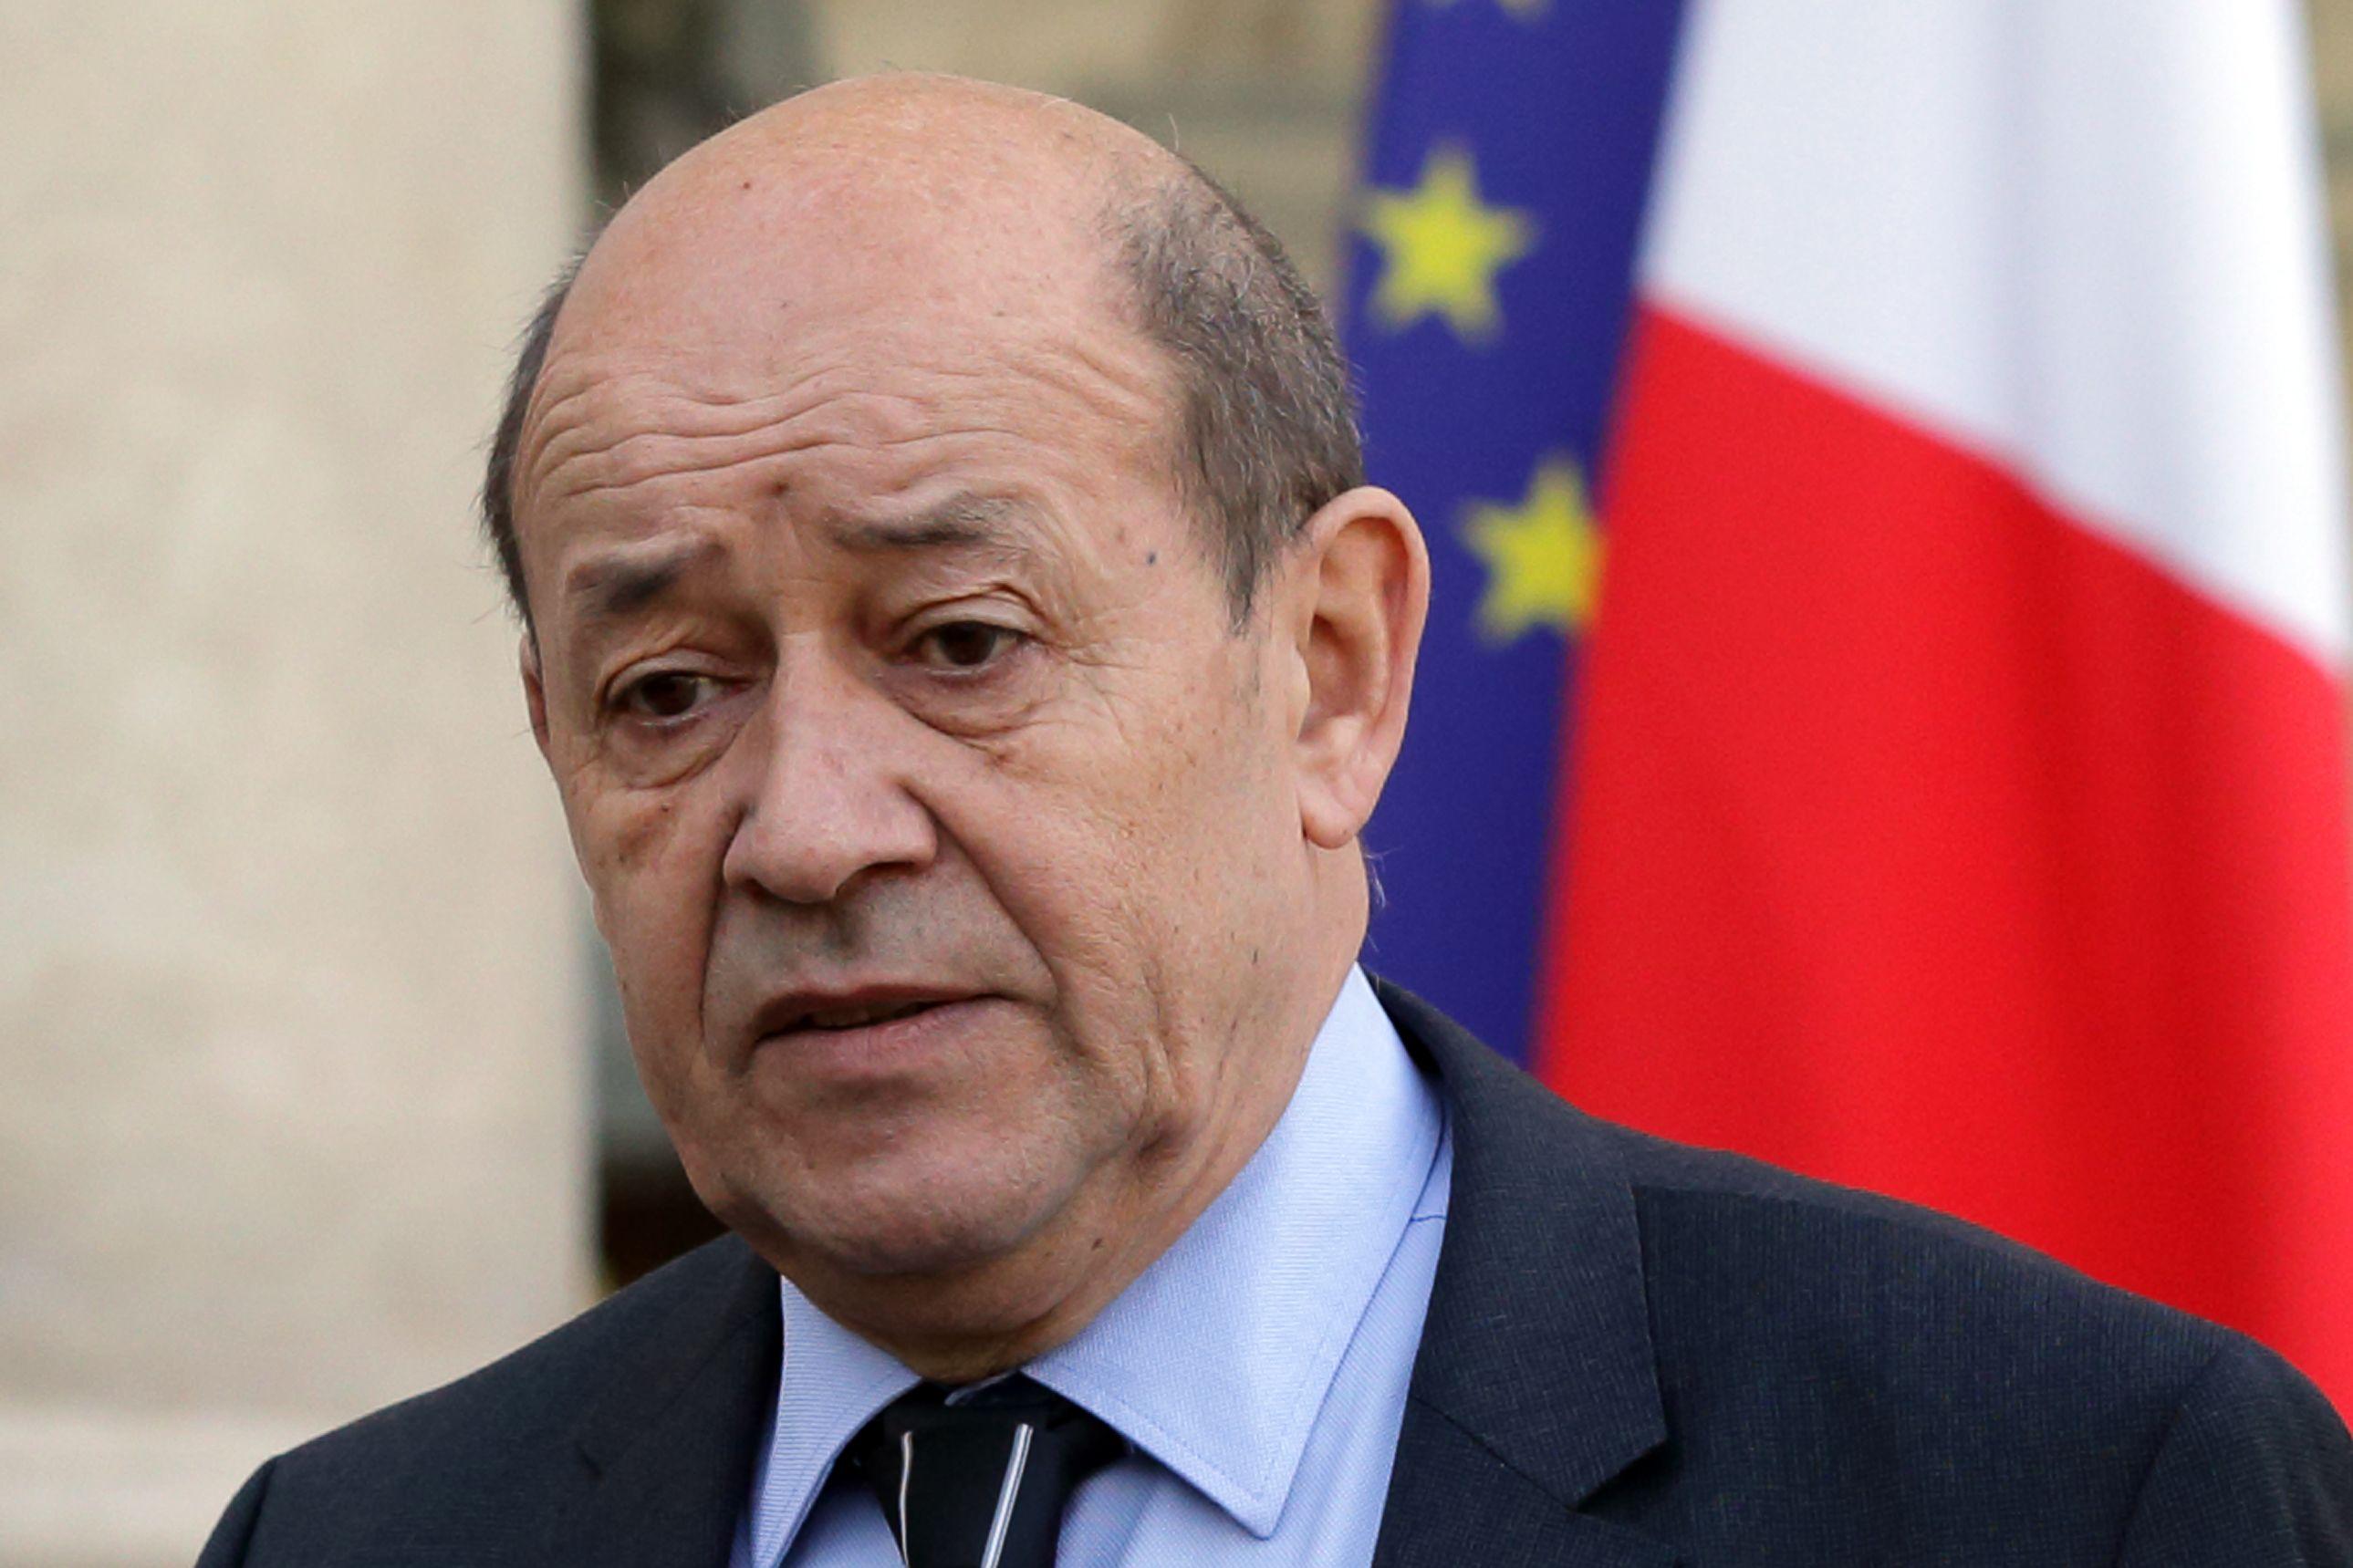 Présidentielle 2017 : Jean-Yves Le Drian choisit de soutenir Emmanuel Macron